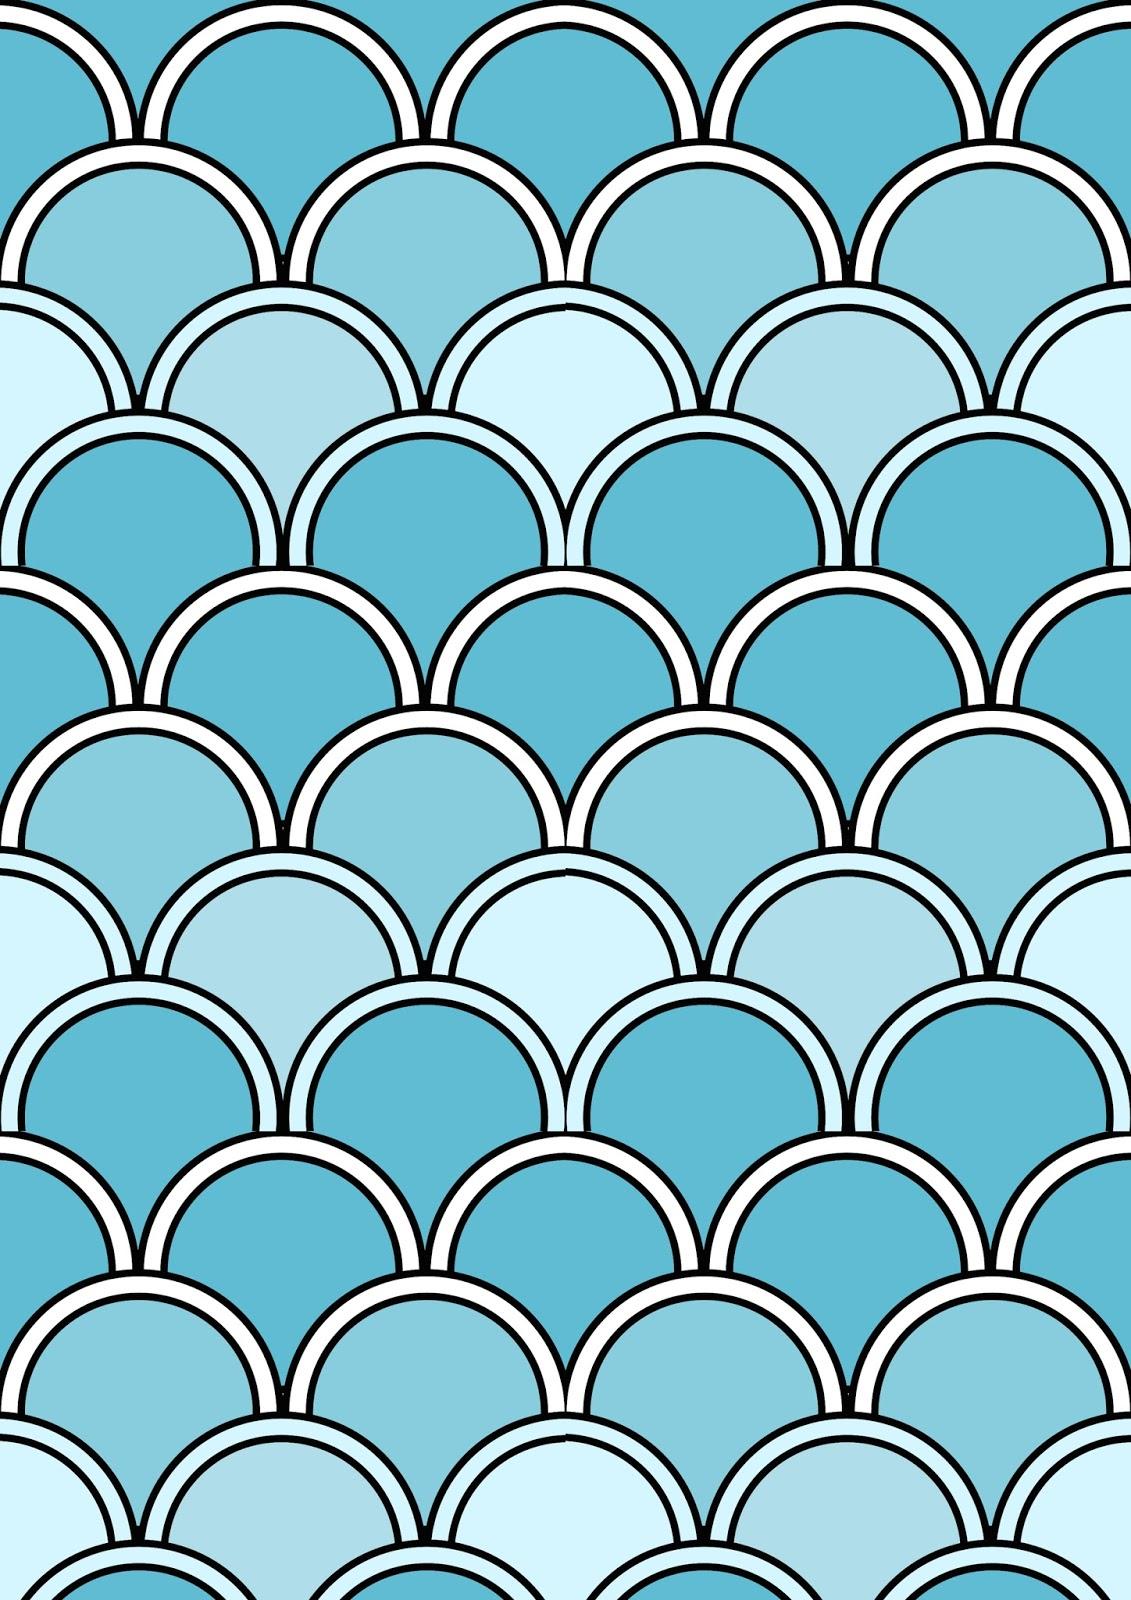 http://4.bp.blogspot.com/-UCJVS5-k1Vg/VUPQclCfJWI/AAAAAAAAisQ/x4caCFyxep0/s1600/japanese_waves_blue_A4.jpg